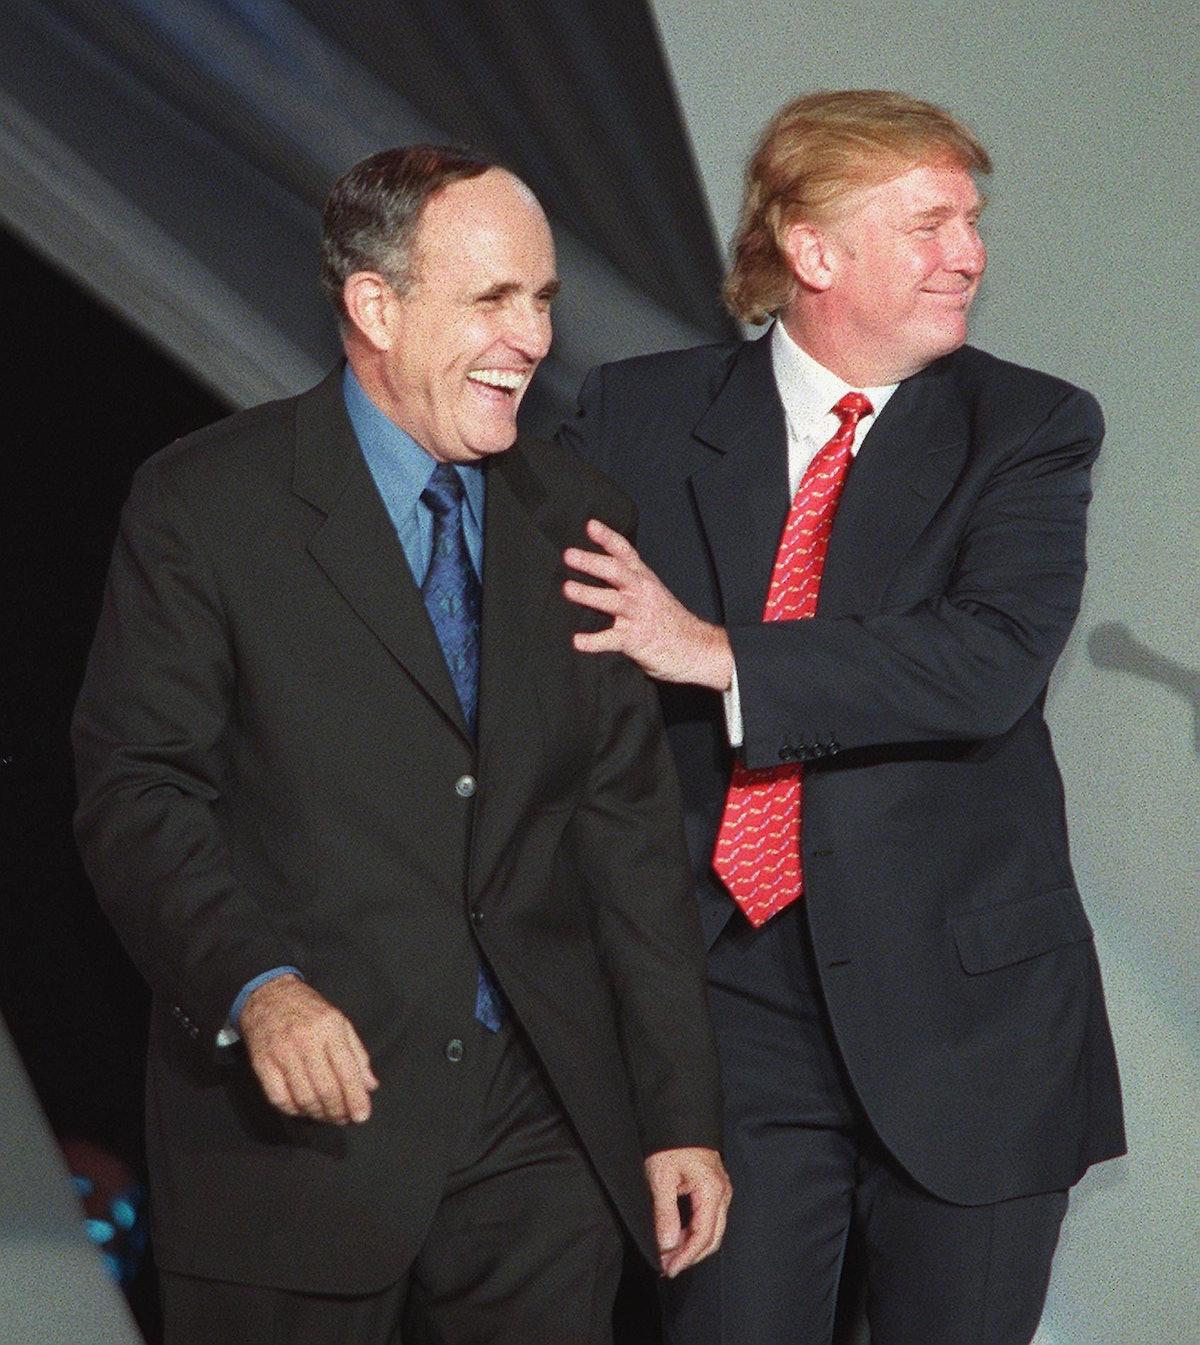 New York City Mayor Rudy Giuliani (L) jokes with D